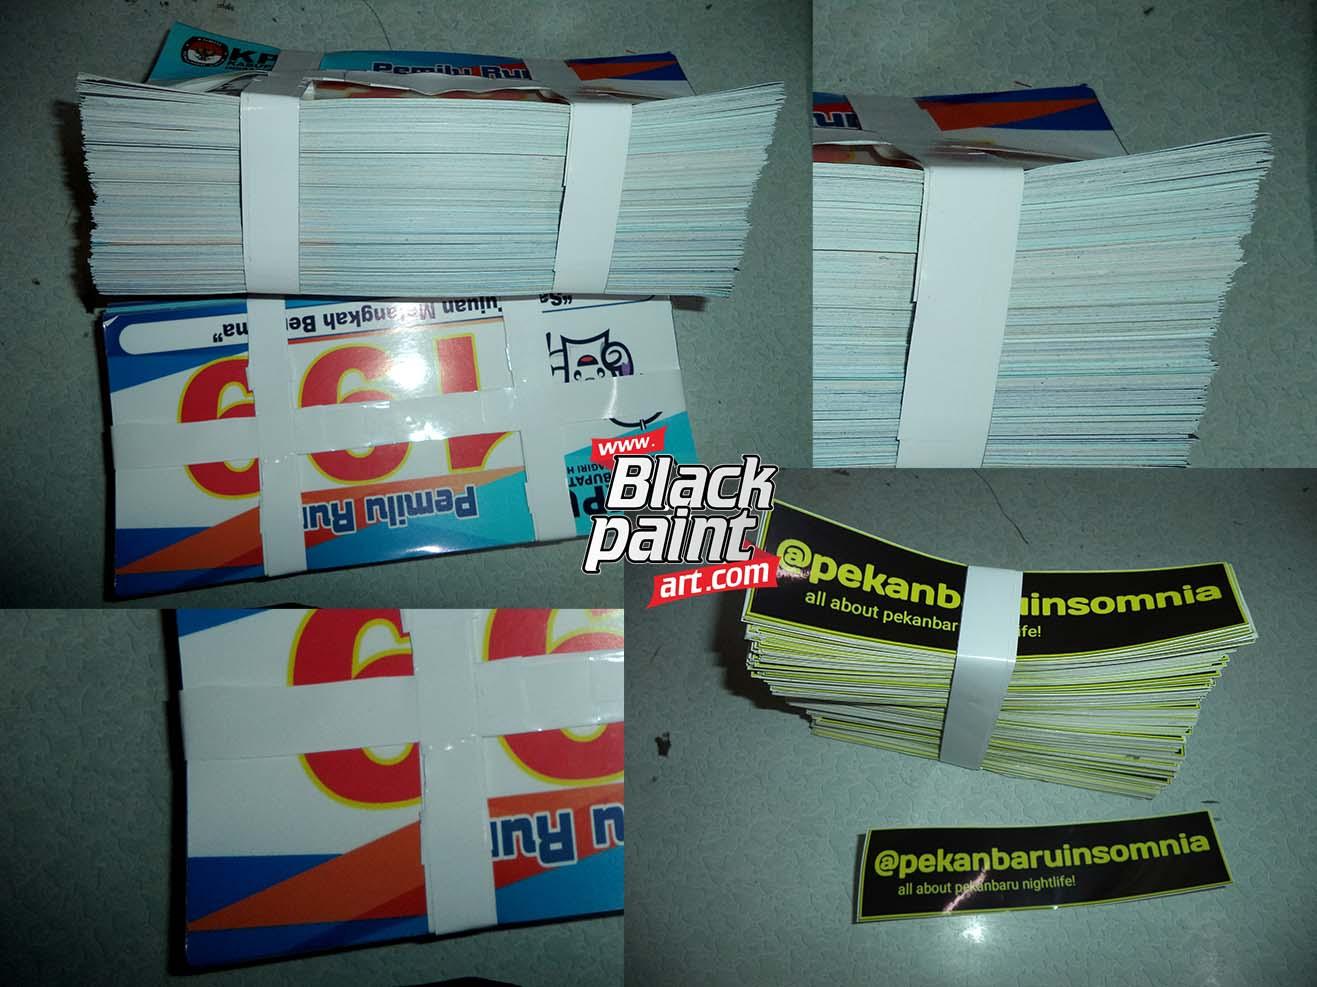 Apakah anda sedang mencari gimana cara pesan stiker murah di Pekanbaru